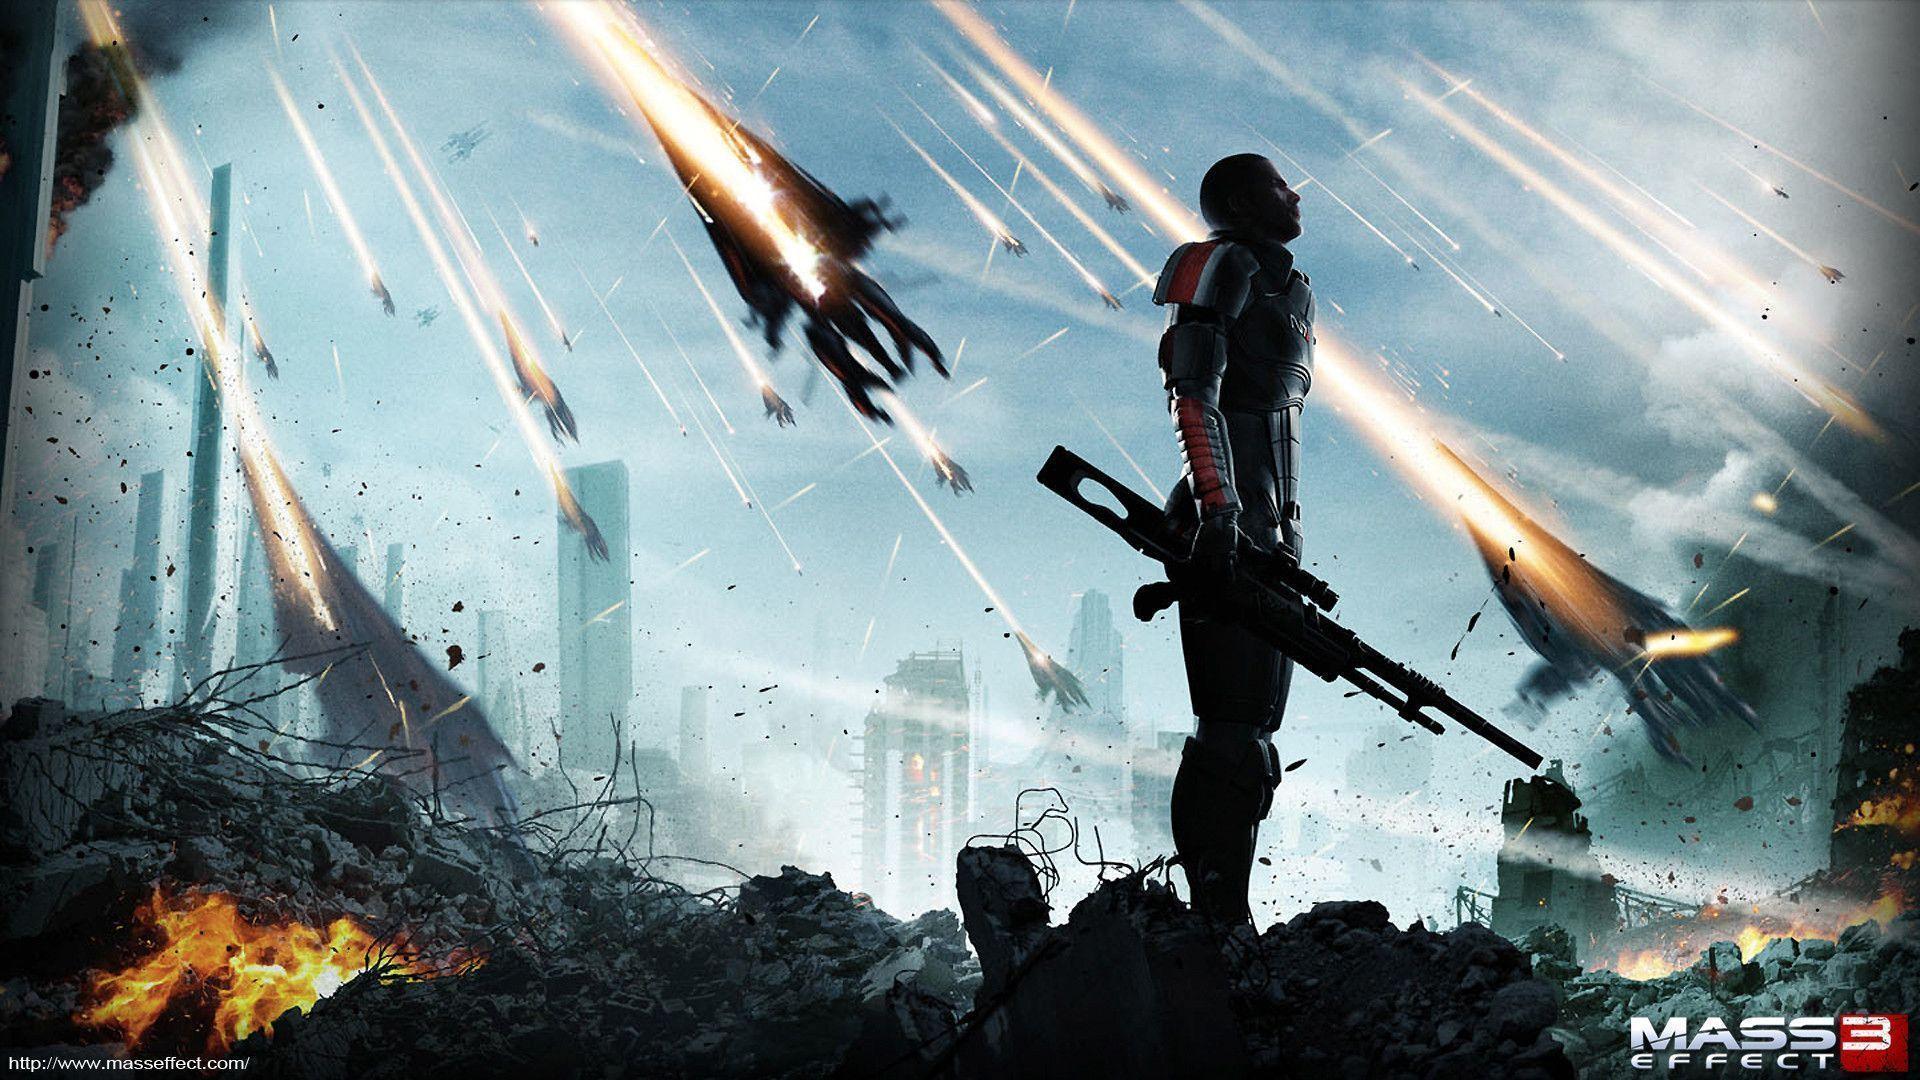 Mass Effect 3 Wallpapers Top Free Mass Effect 3